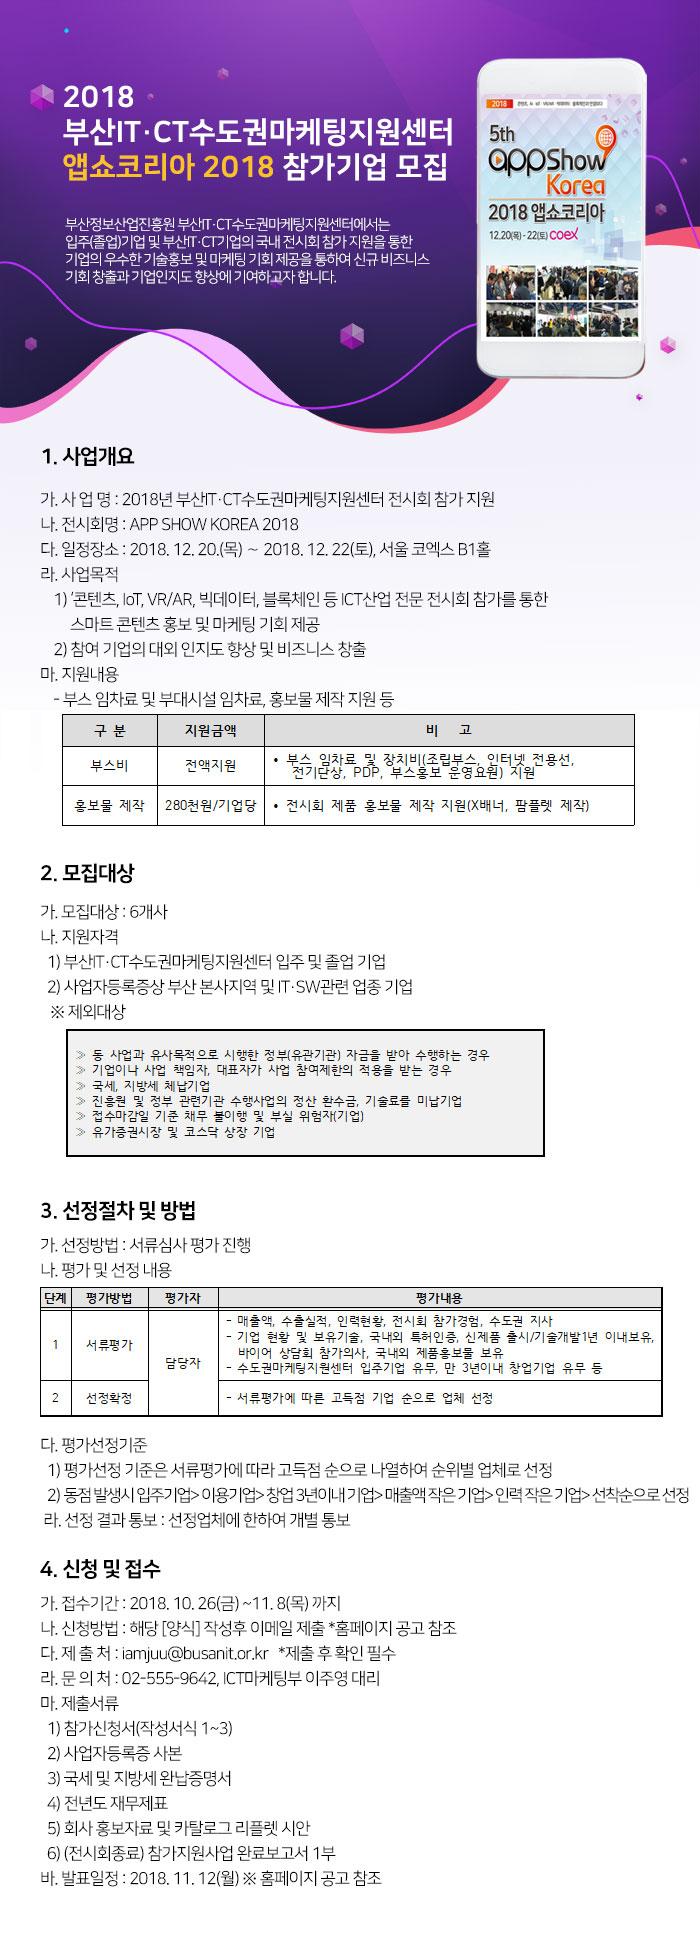 2018 부산IT·CT수도권마케팅지원센터 앱쇼코리아 2018 참가기업 모집